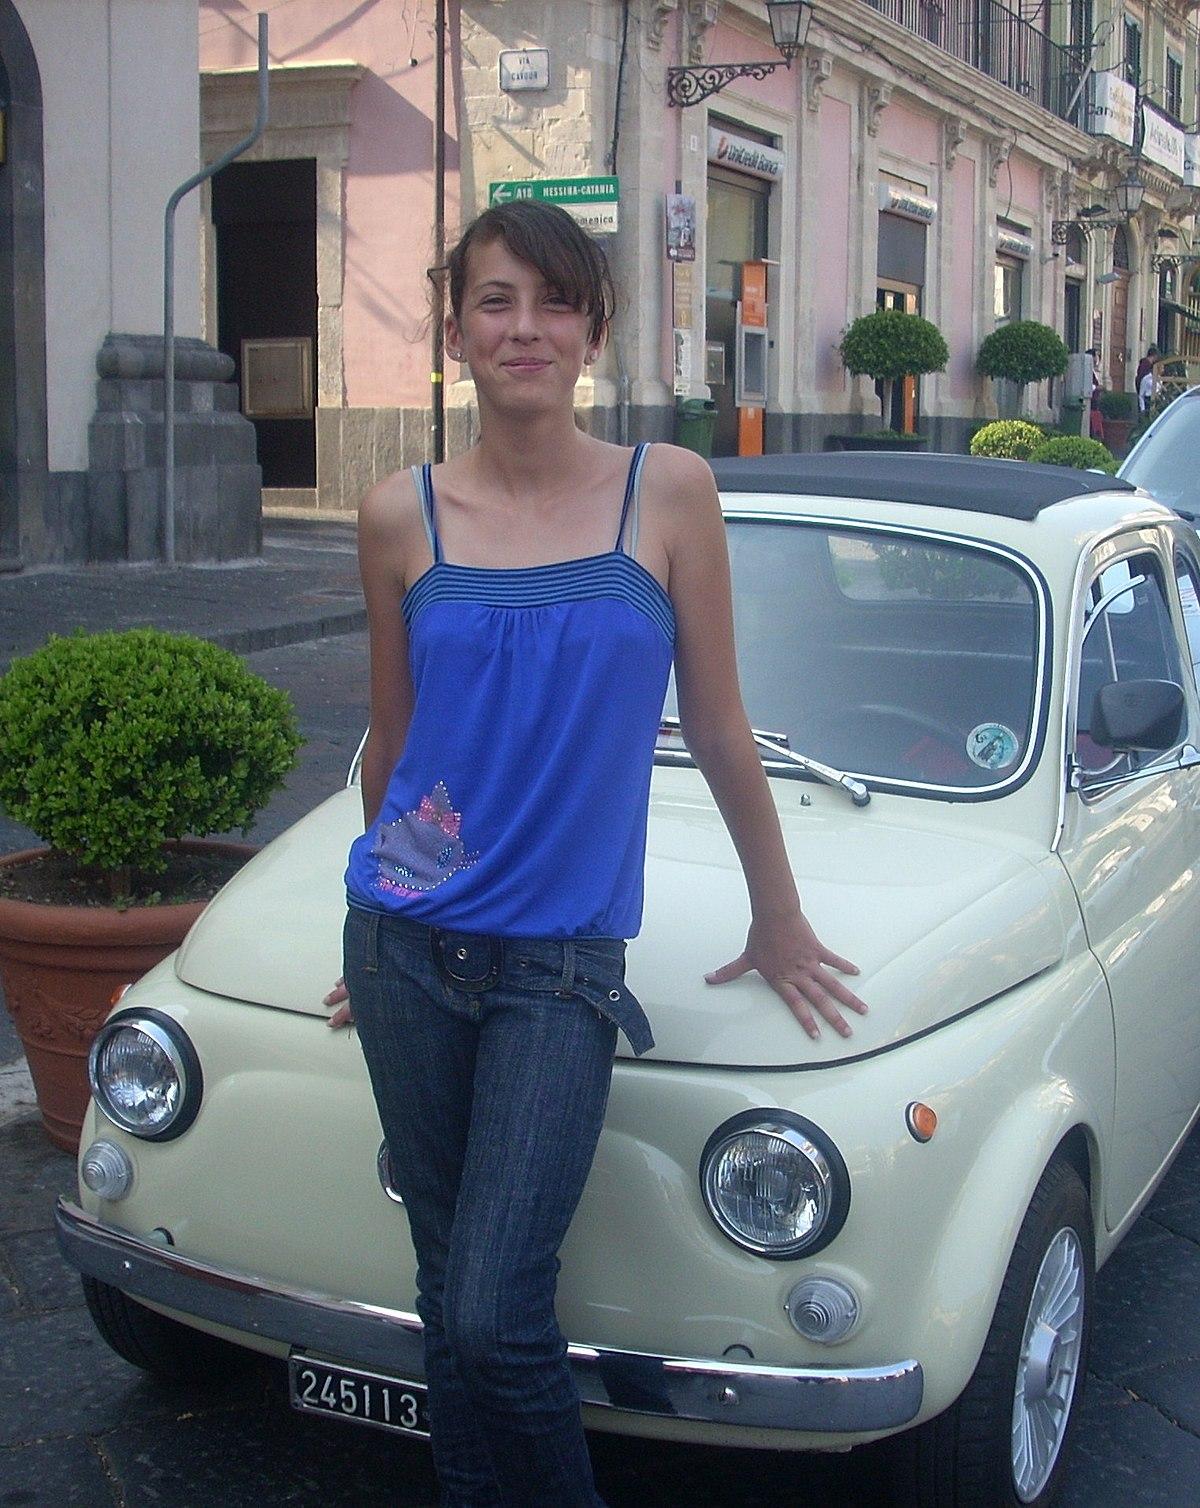 European teenage girl 2008.JPG